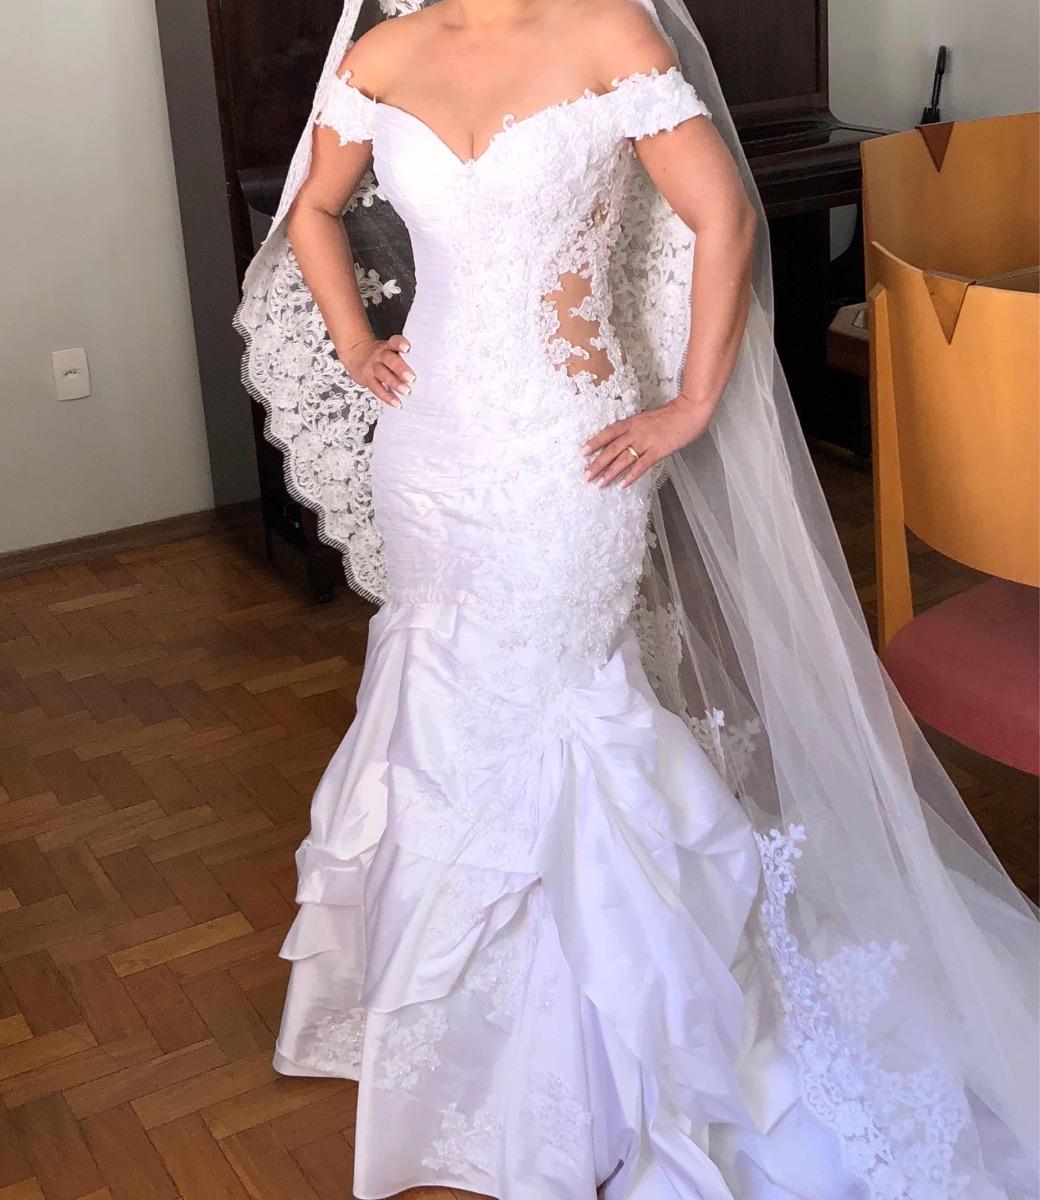 68c51db9b Vestido De Noiva Da Patrícia Nascimento - R$ 4.000,00 em Mercado Livre